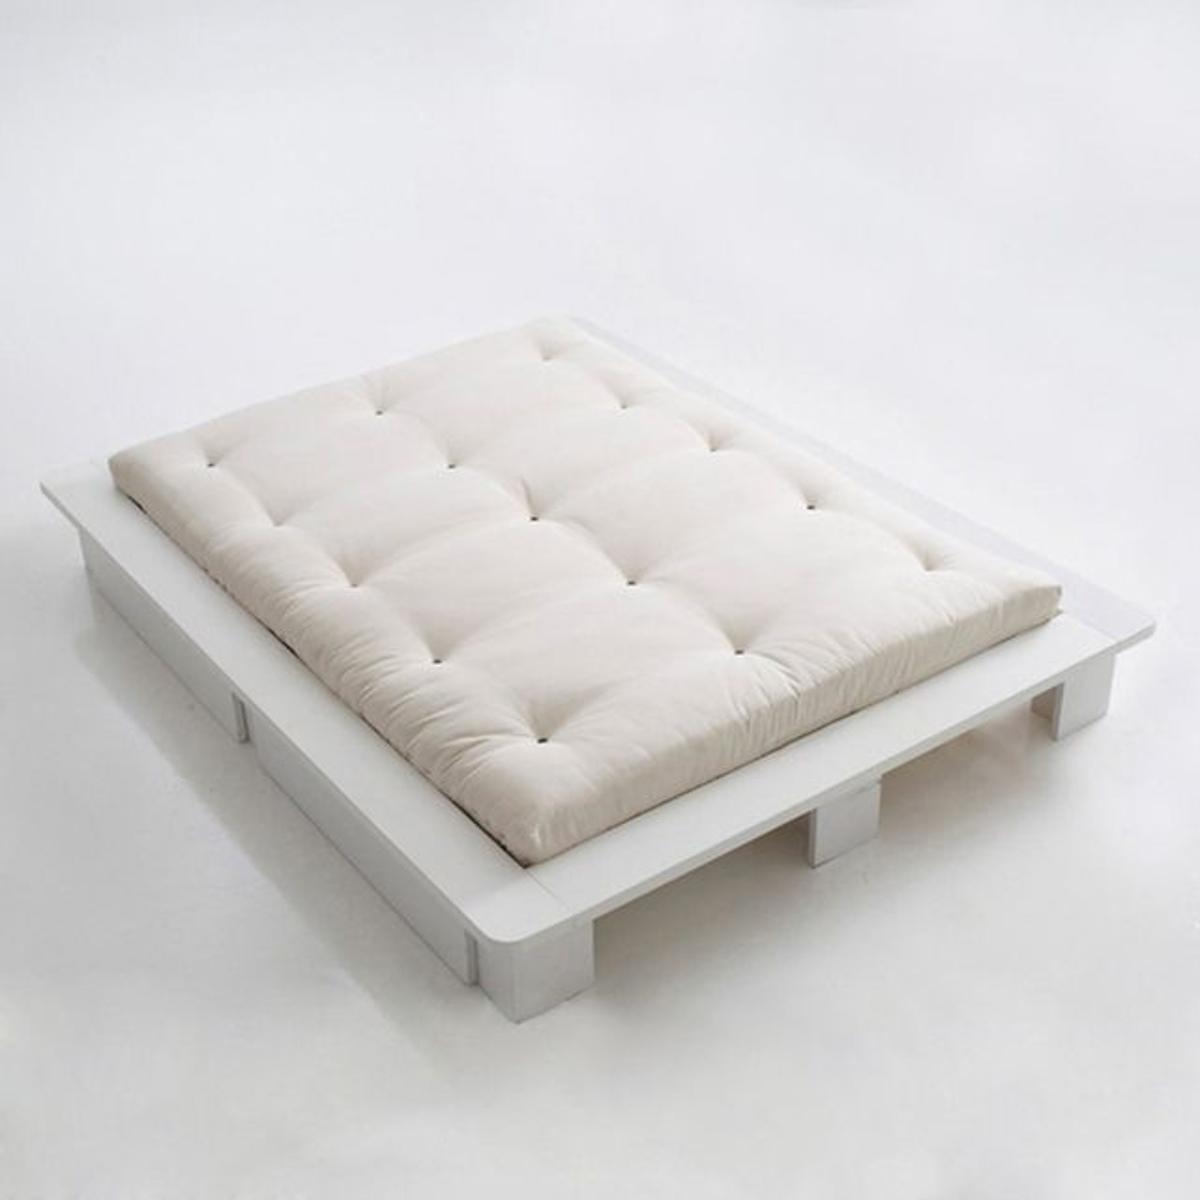 matelas futon les moins chers de notre comparateur de prix. Black Bedroom Furniture Sets. Home Design Ideas